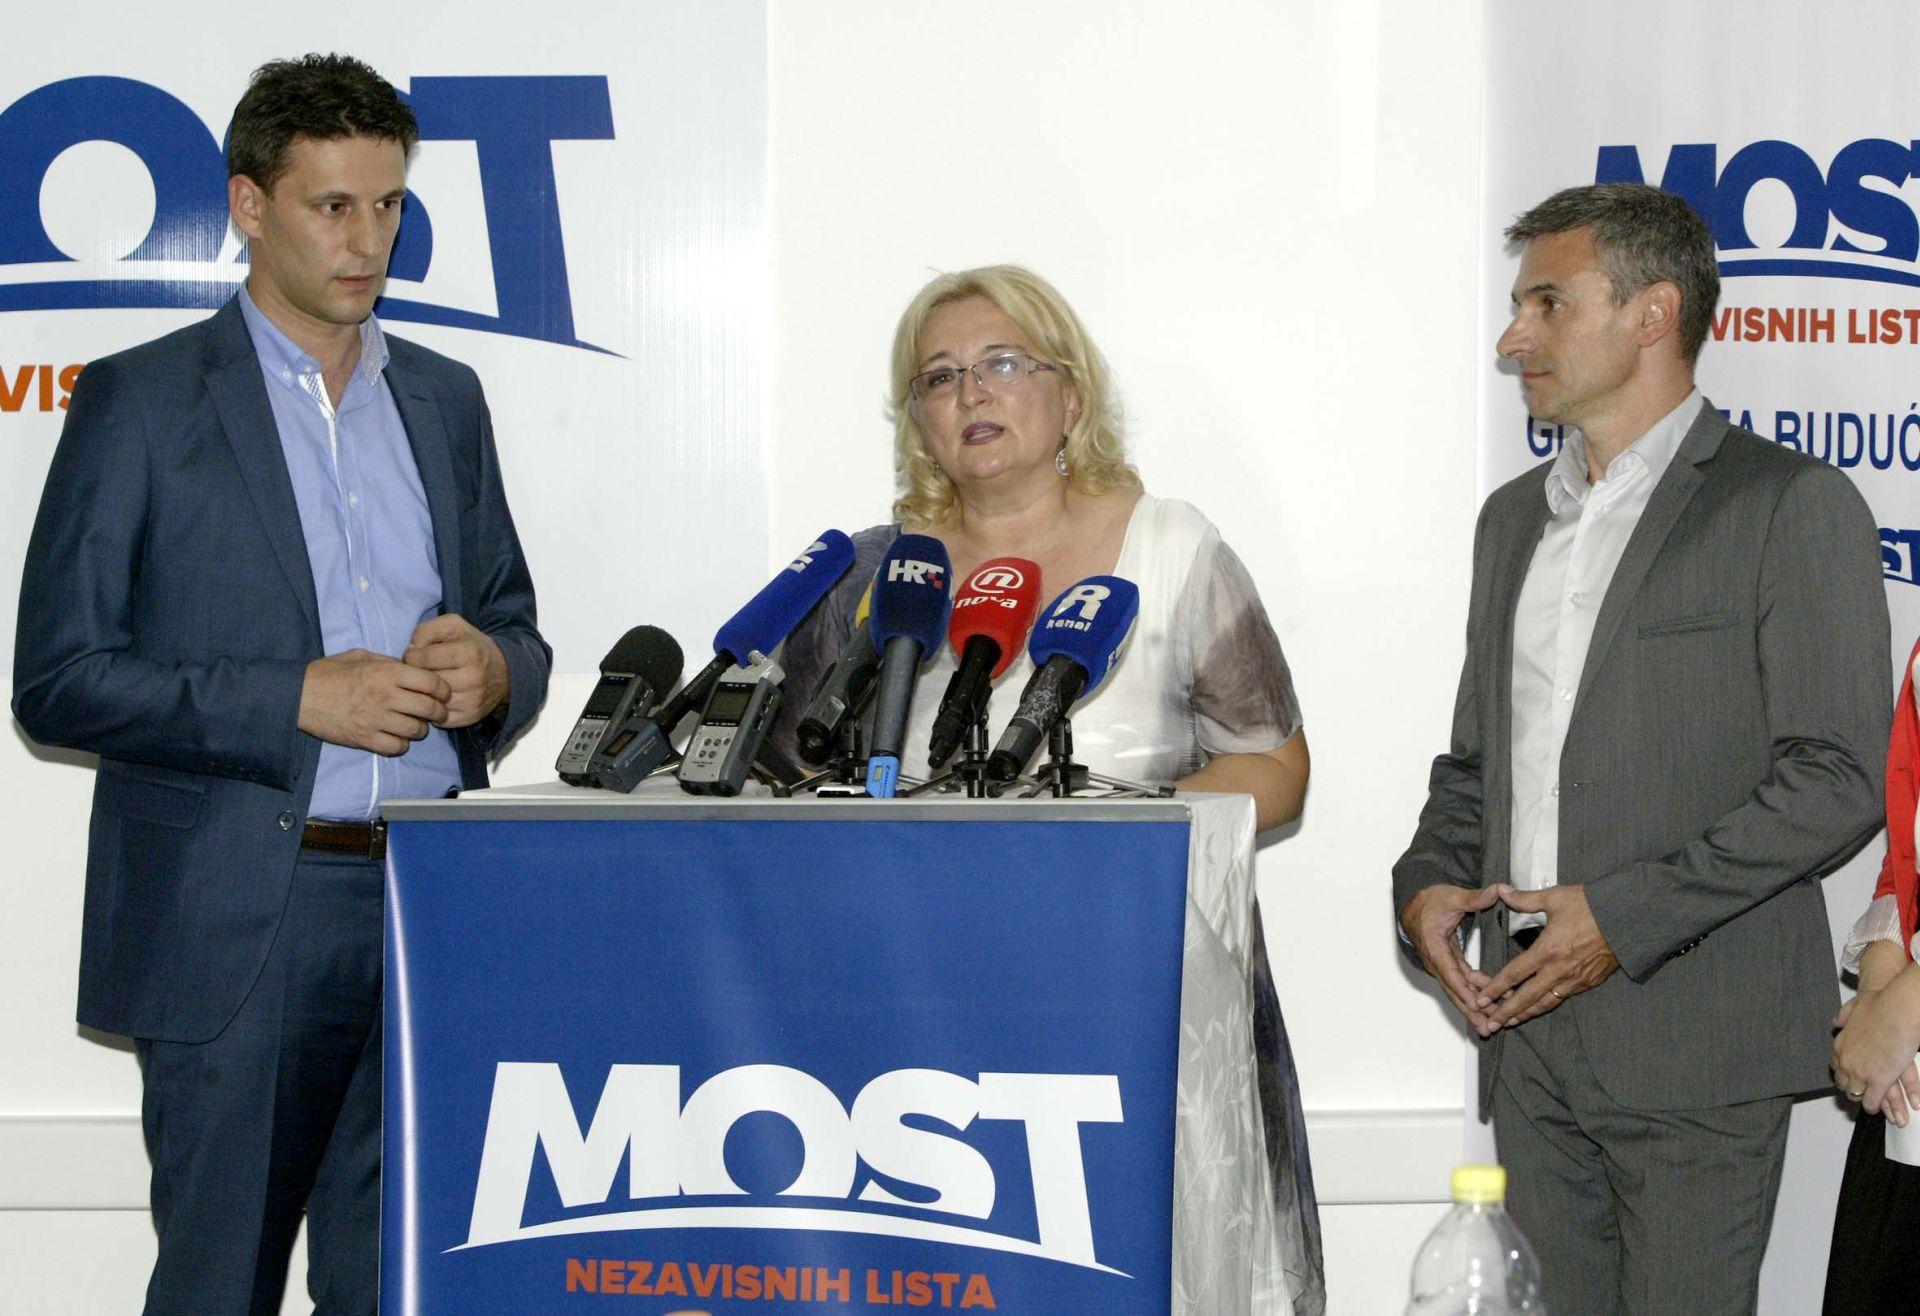 Petrov ne isključuje suradnju sa SDP-om, ali bez Milanovića u izvršnoj vlasti